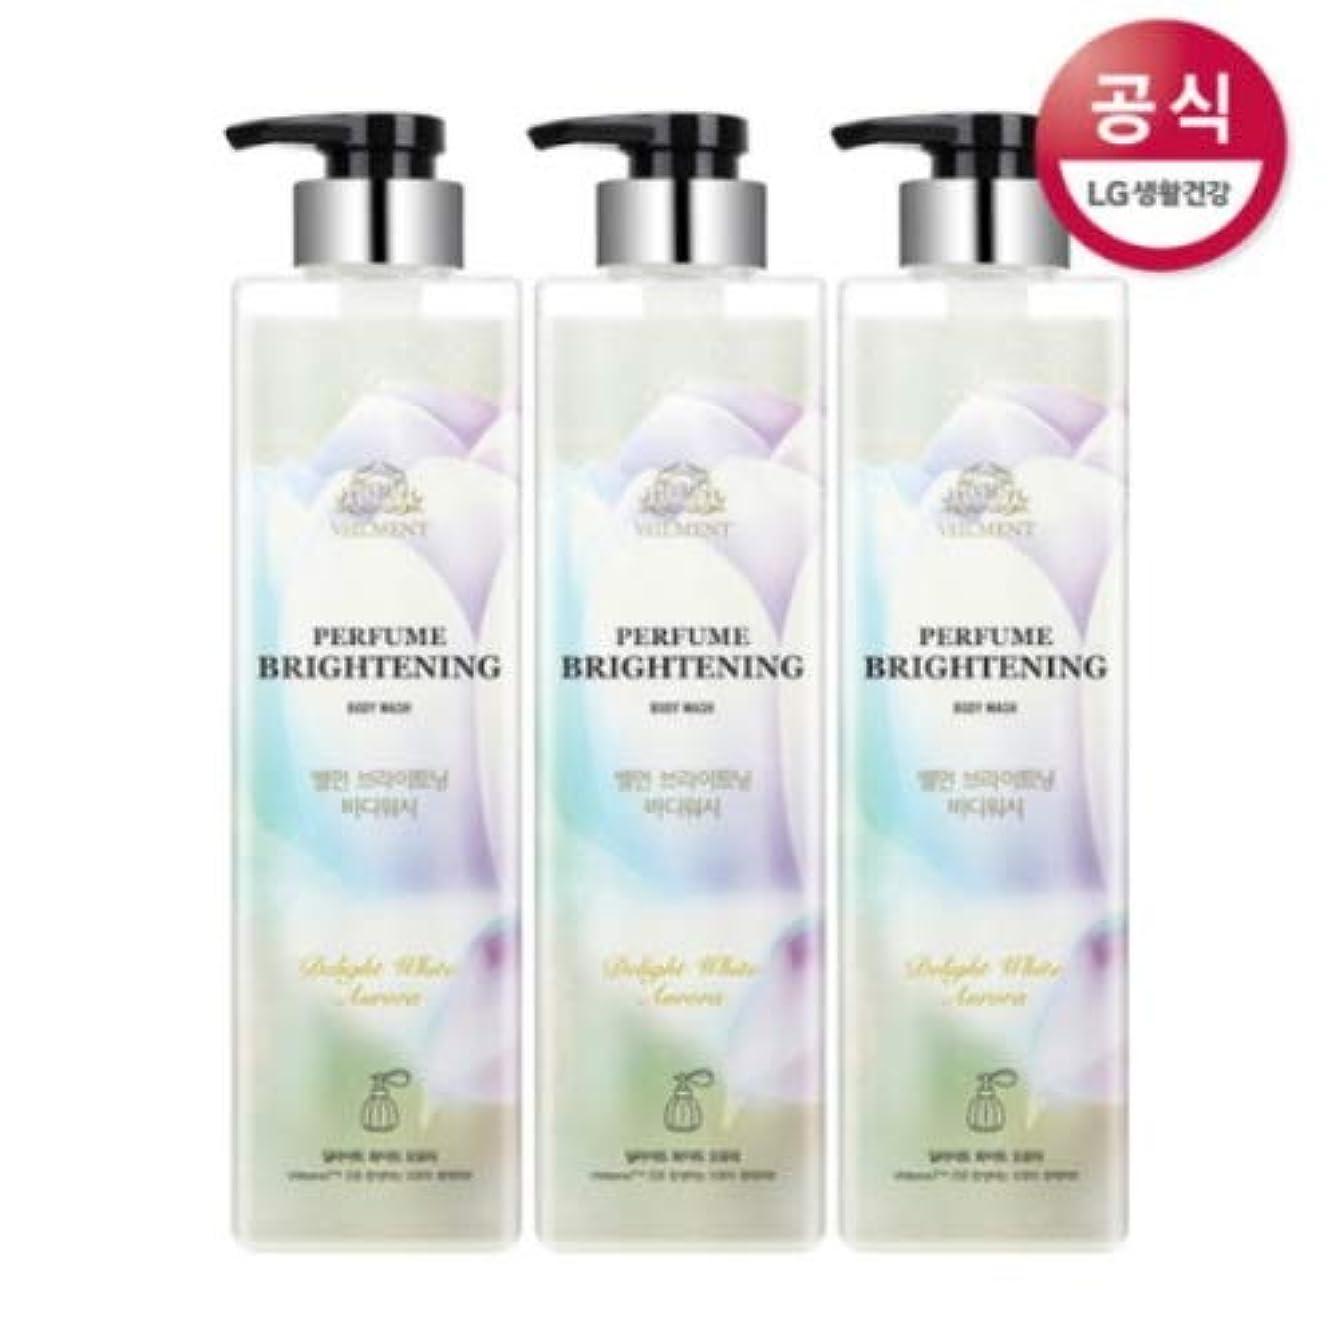 土器前進強風[LG HnB] On the Body Belman Perfume Brightening Body Wash / オンザボディベルモンパフュームブライトニングボディウォッシュ680mlx3個(海外直送品)